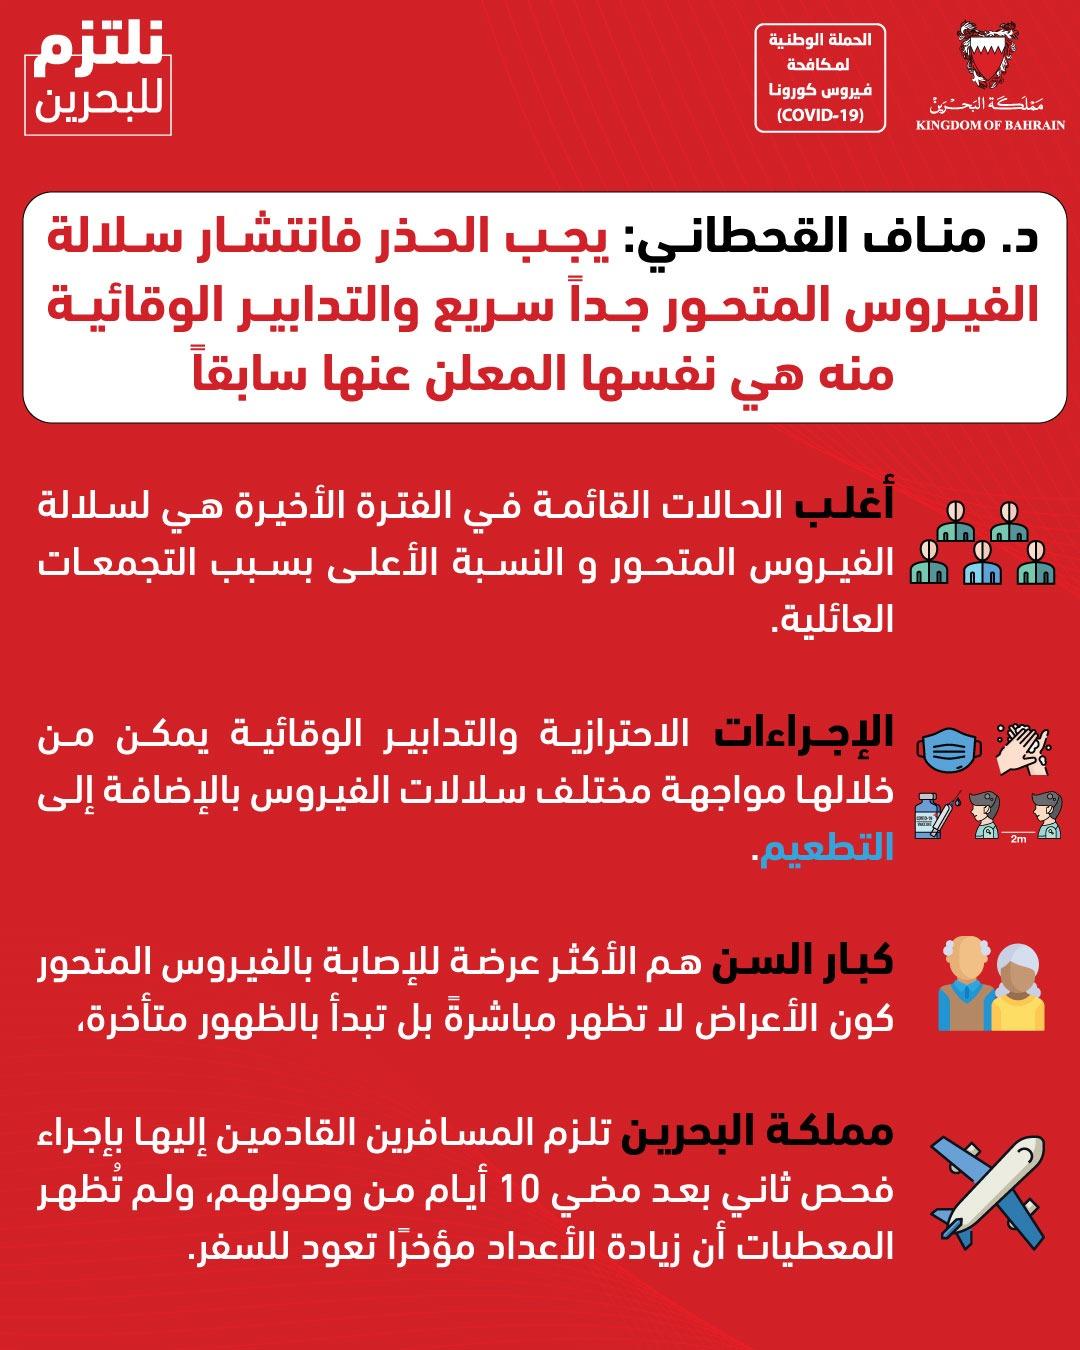 د. مناف القحطاني: يجب الحذر فانتشار سلالة الفيروس المتحور جدًا سريع والتدابير الوقائية منه هي نفسها المعلن عنها سابقاً